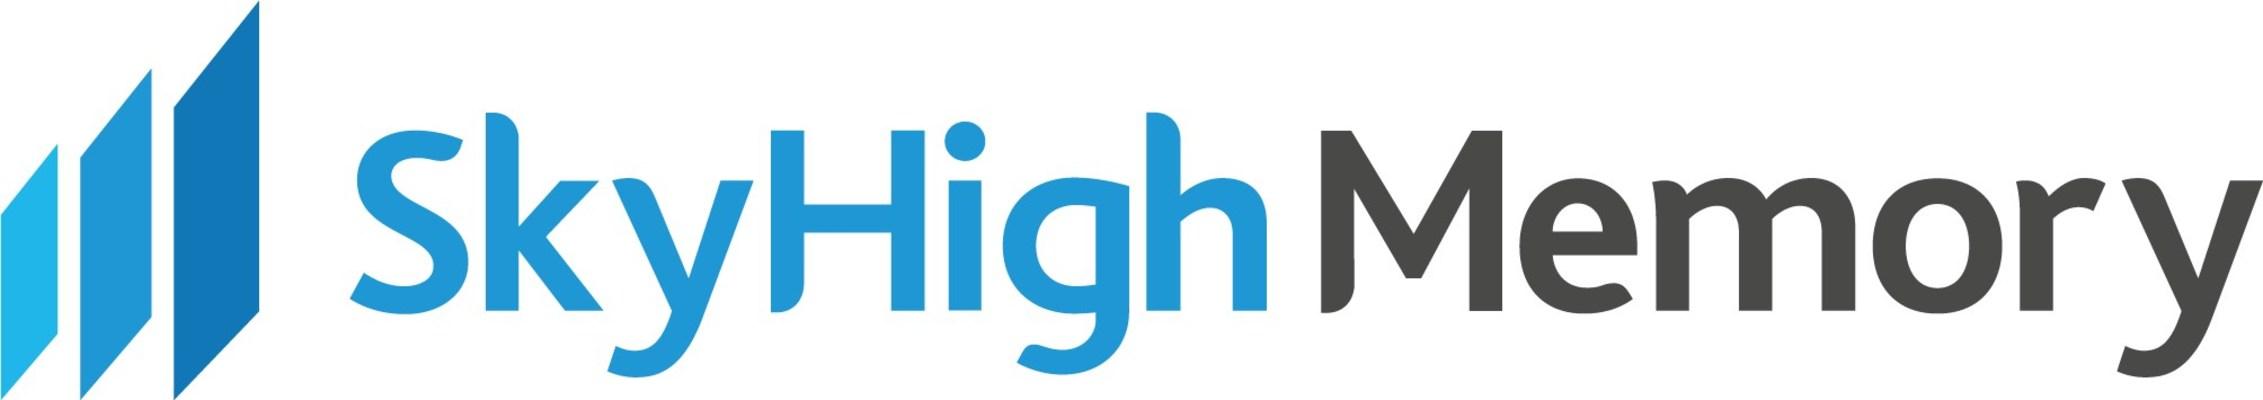 SkyHighMemory Logo